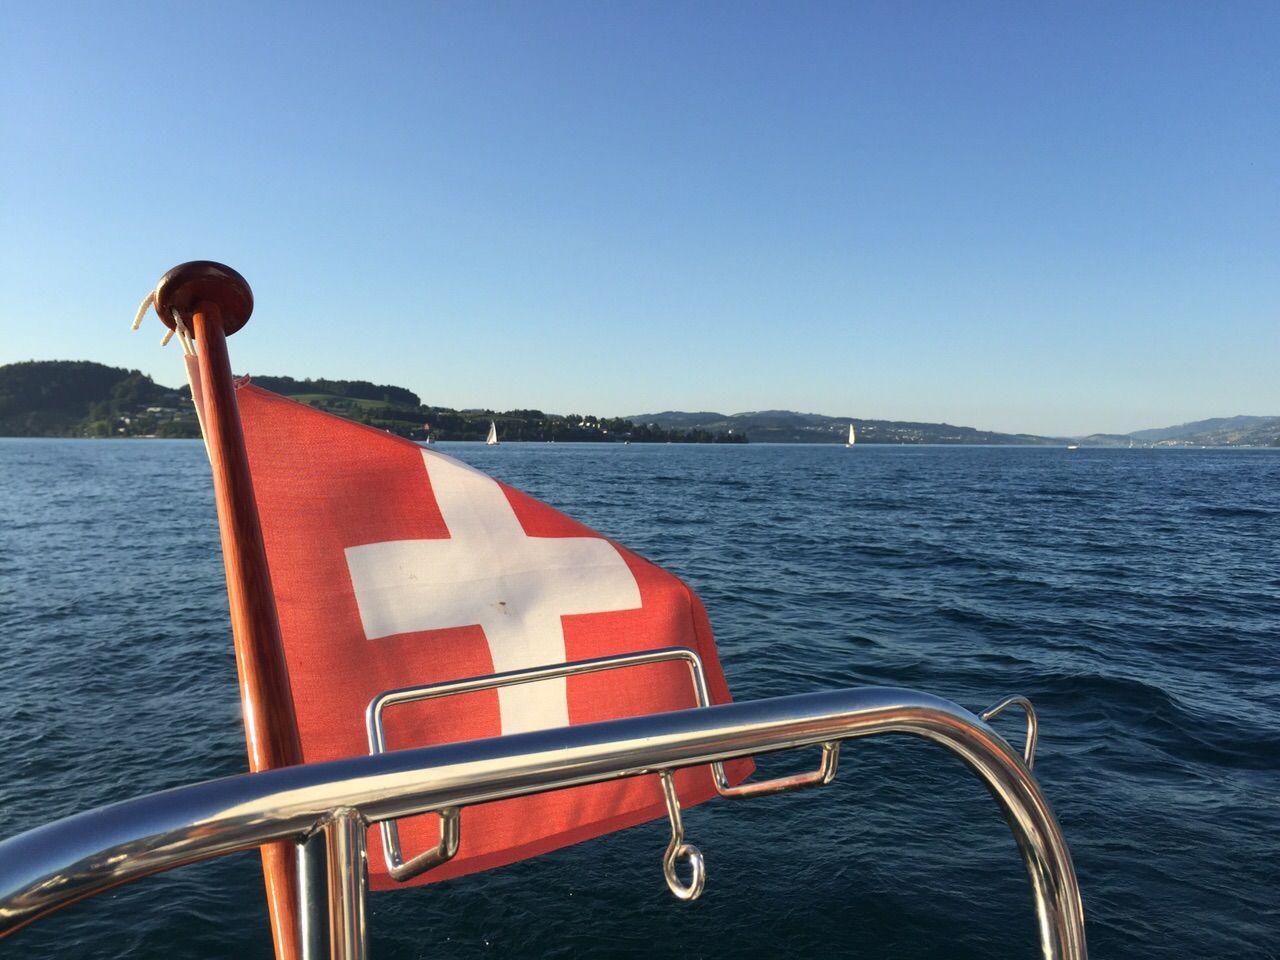 #Switzerland - #Sailing #Lake #Lucerne